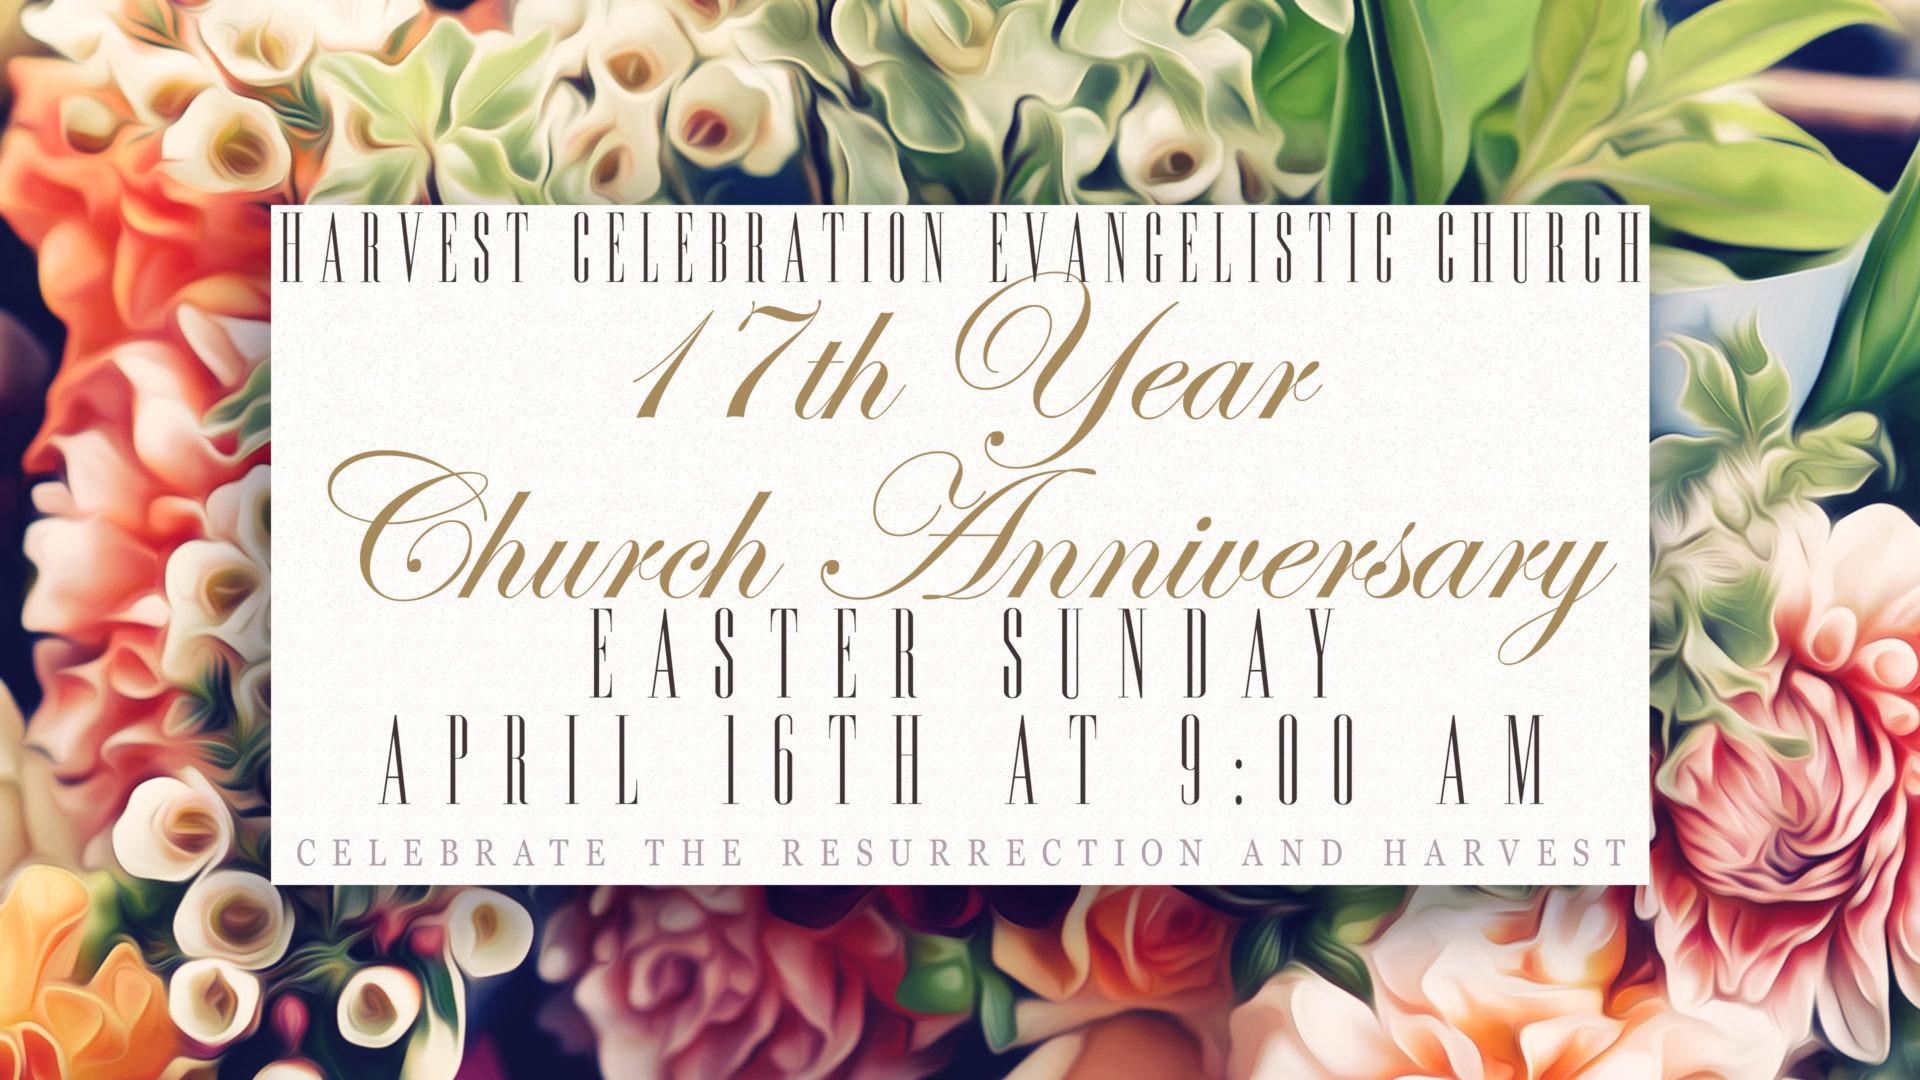 17th Annual Church Anniversary